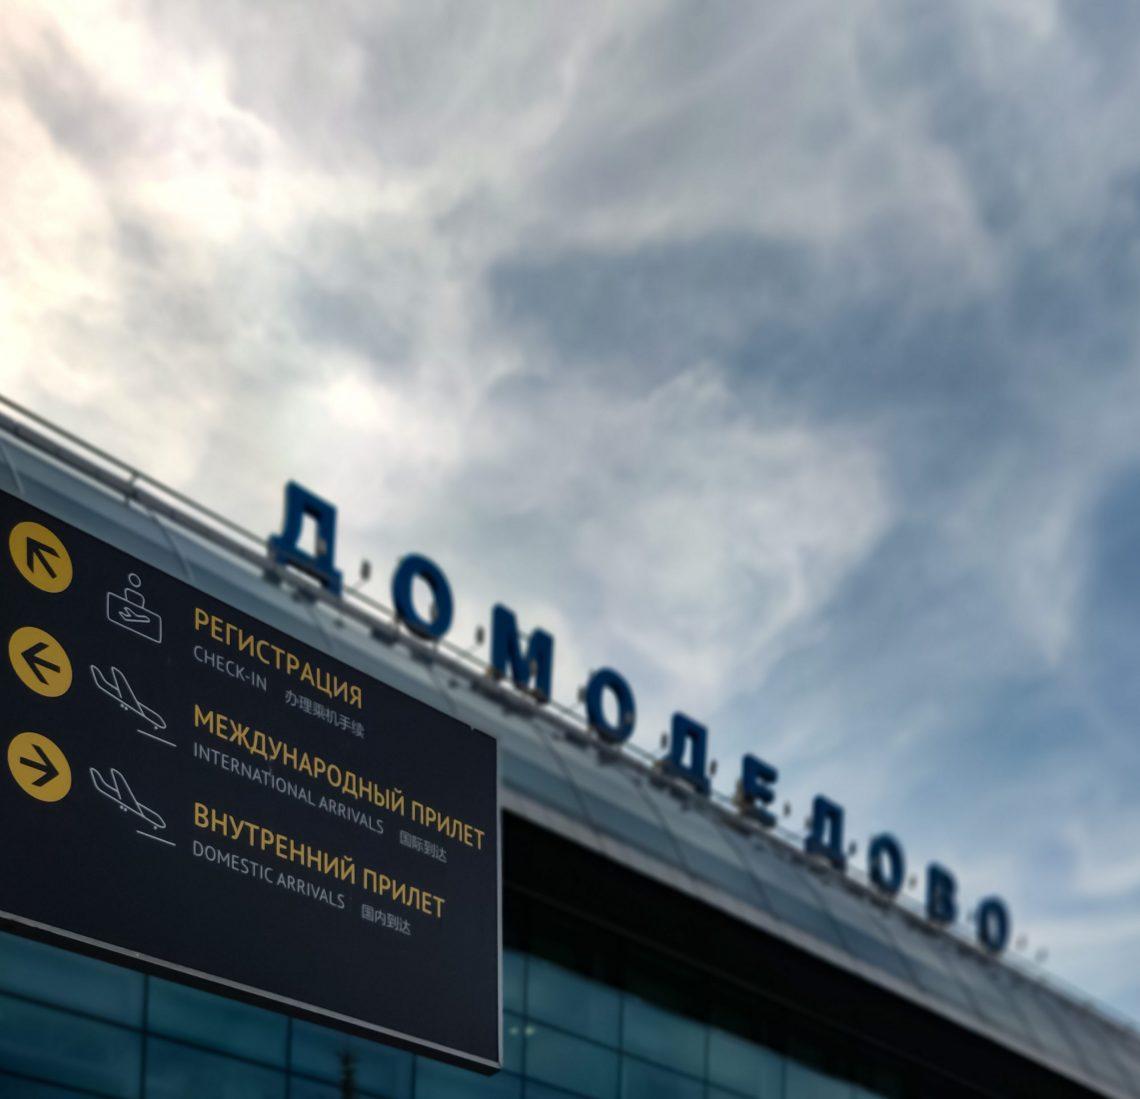 Aeroporto Domodedovo de Moscou: 1.5 milhão de passageiros atendidos em outubro